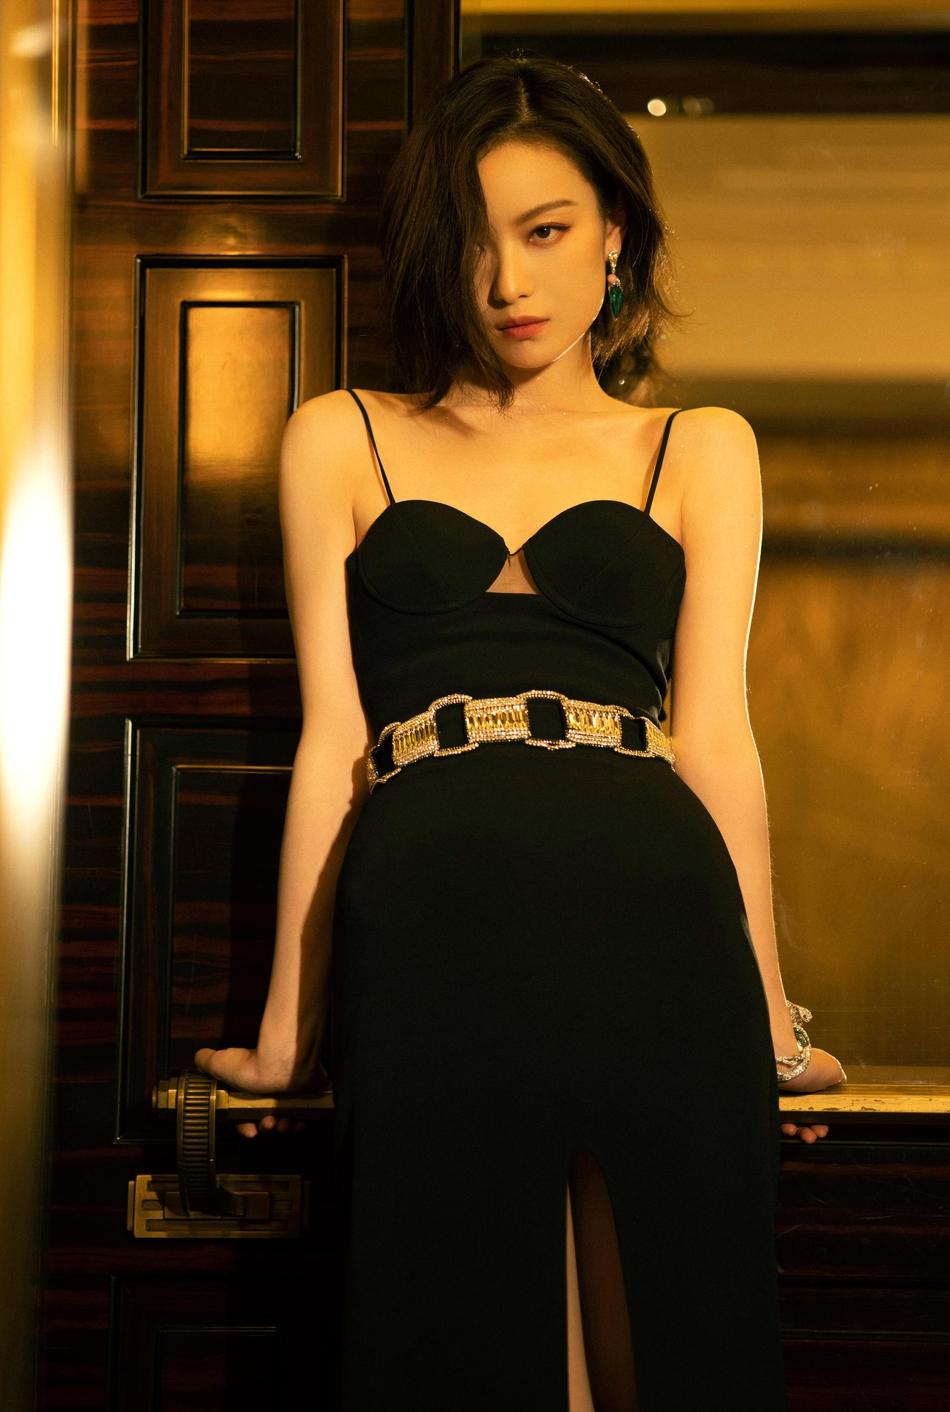 倪妮穿黑色吊带裙秀身材 妆容复古简约大气